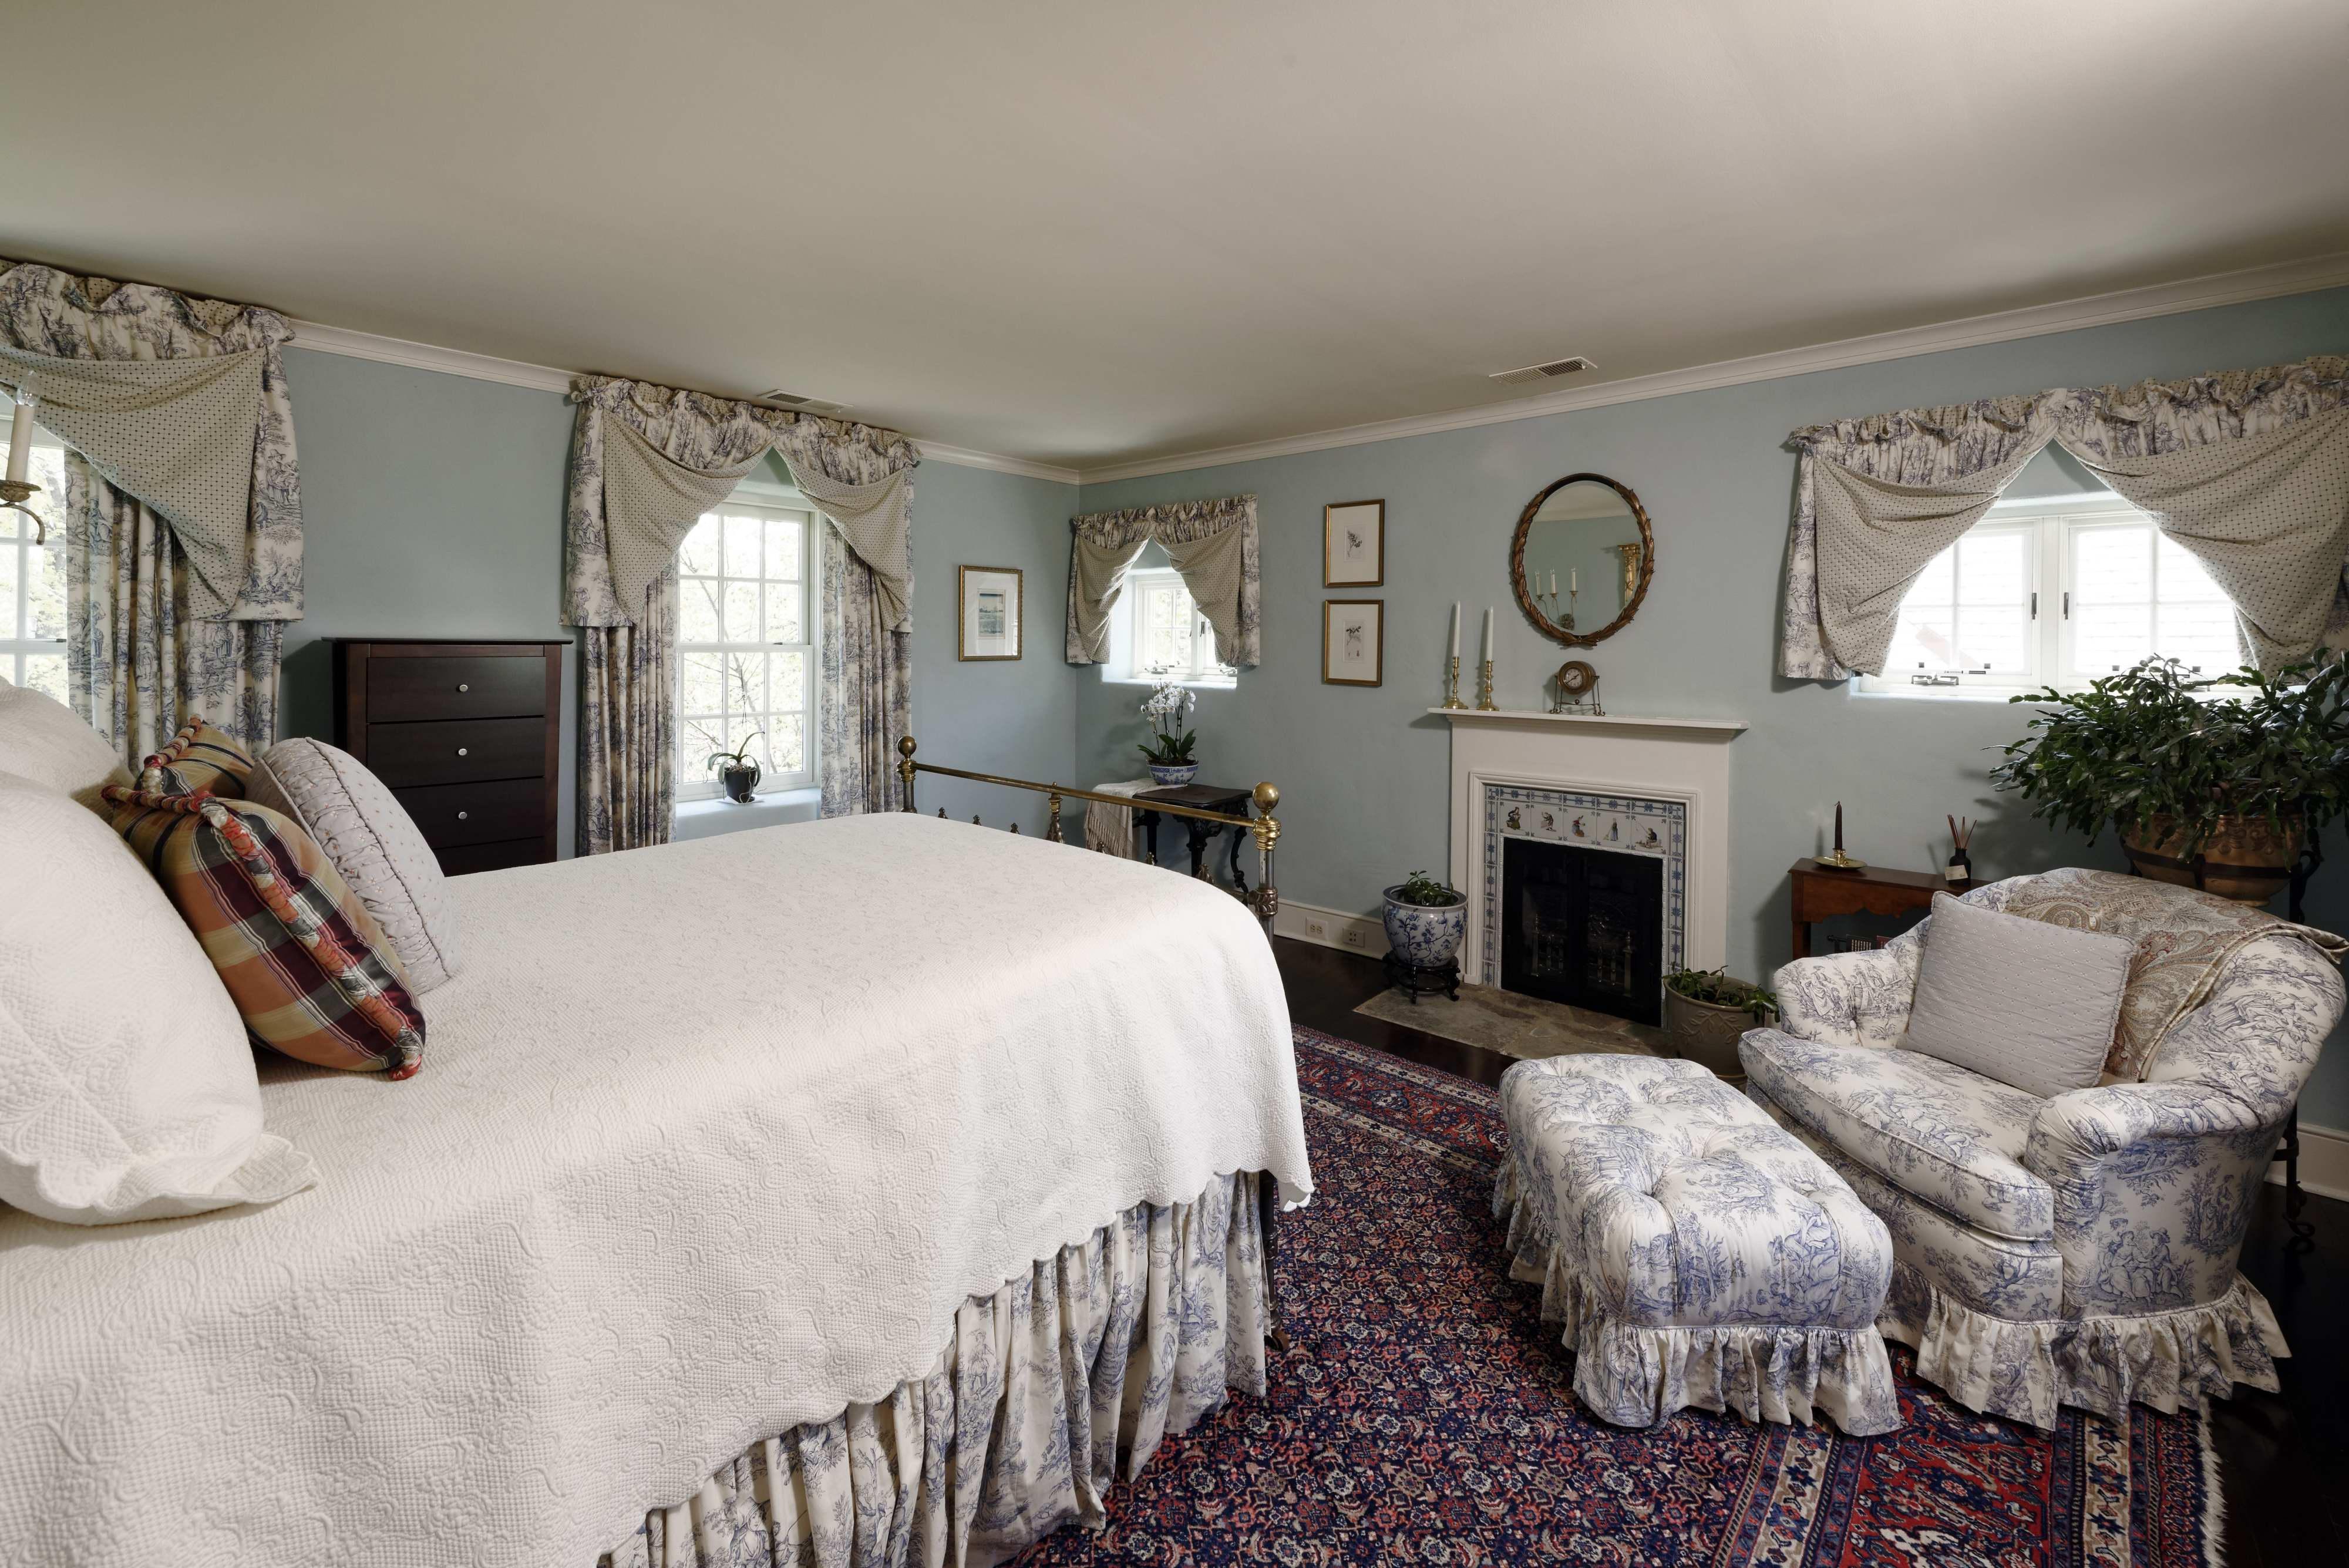 Thomas Talbot Exclusive Real Estate Middleburg Virginia STONYHURST